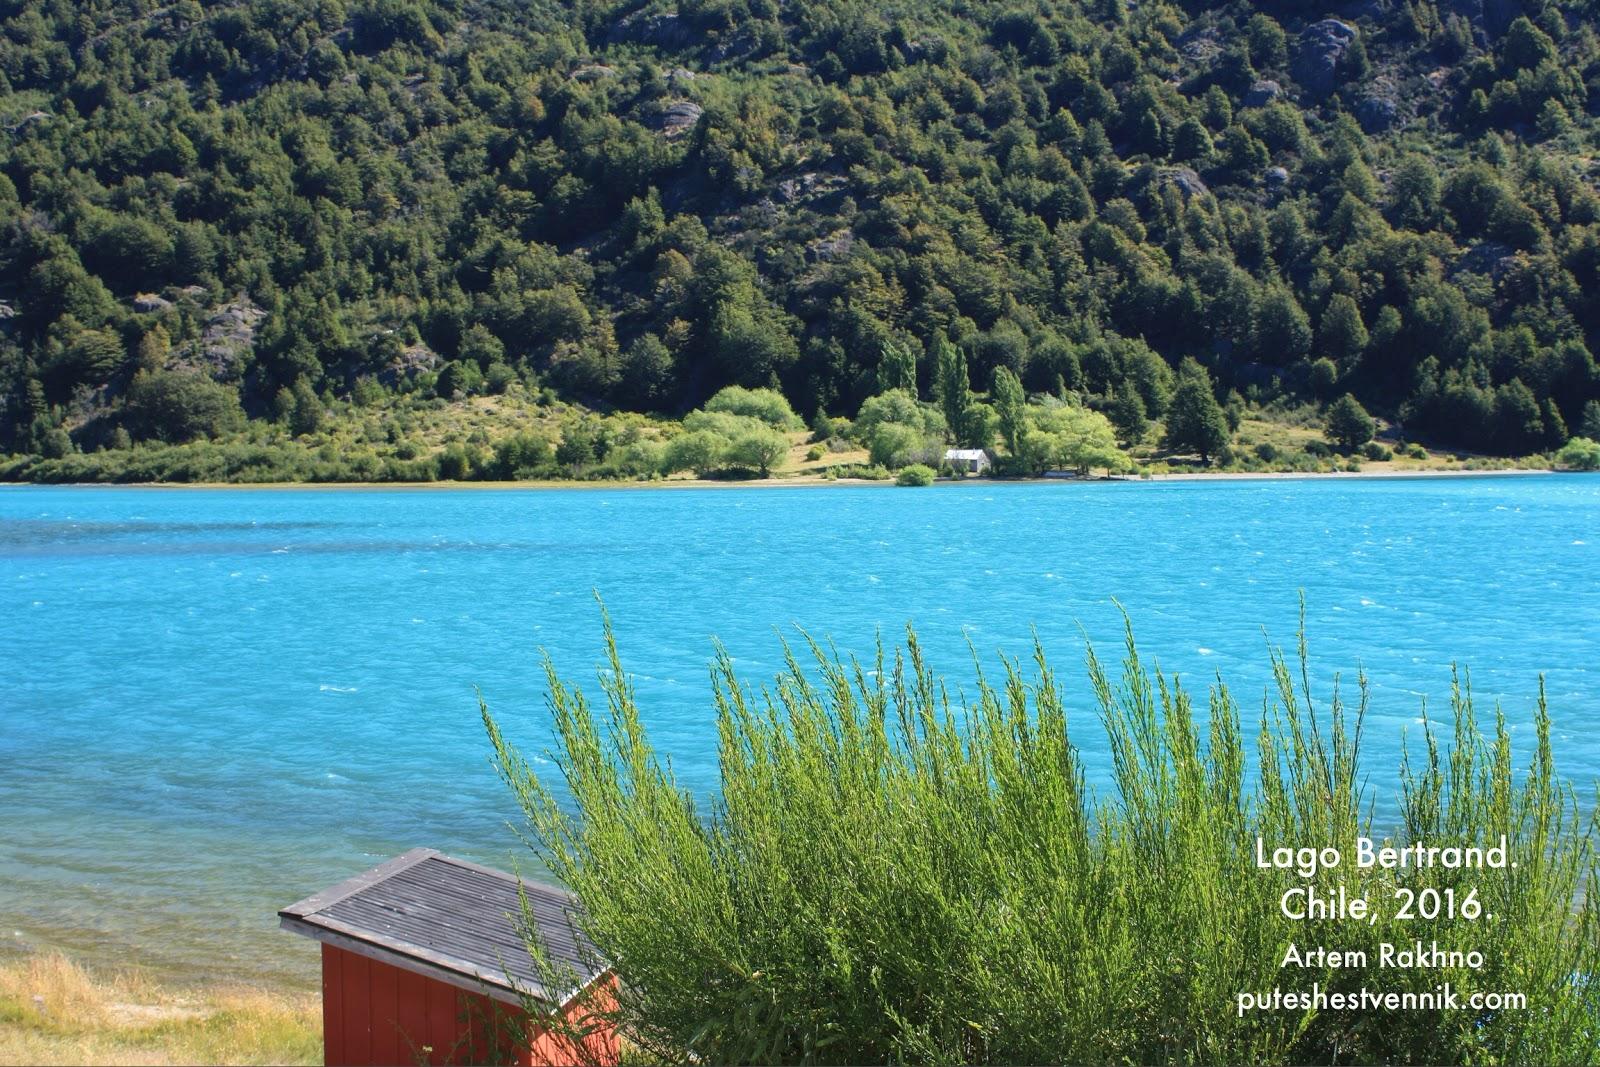 Бирюзовая вода озера Бертран в Чили